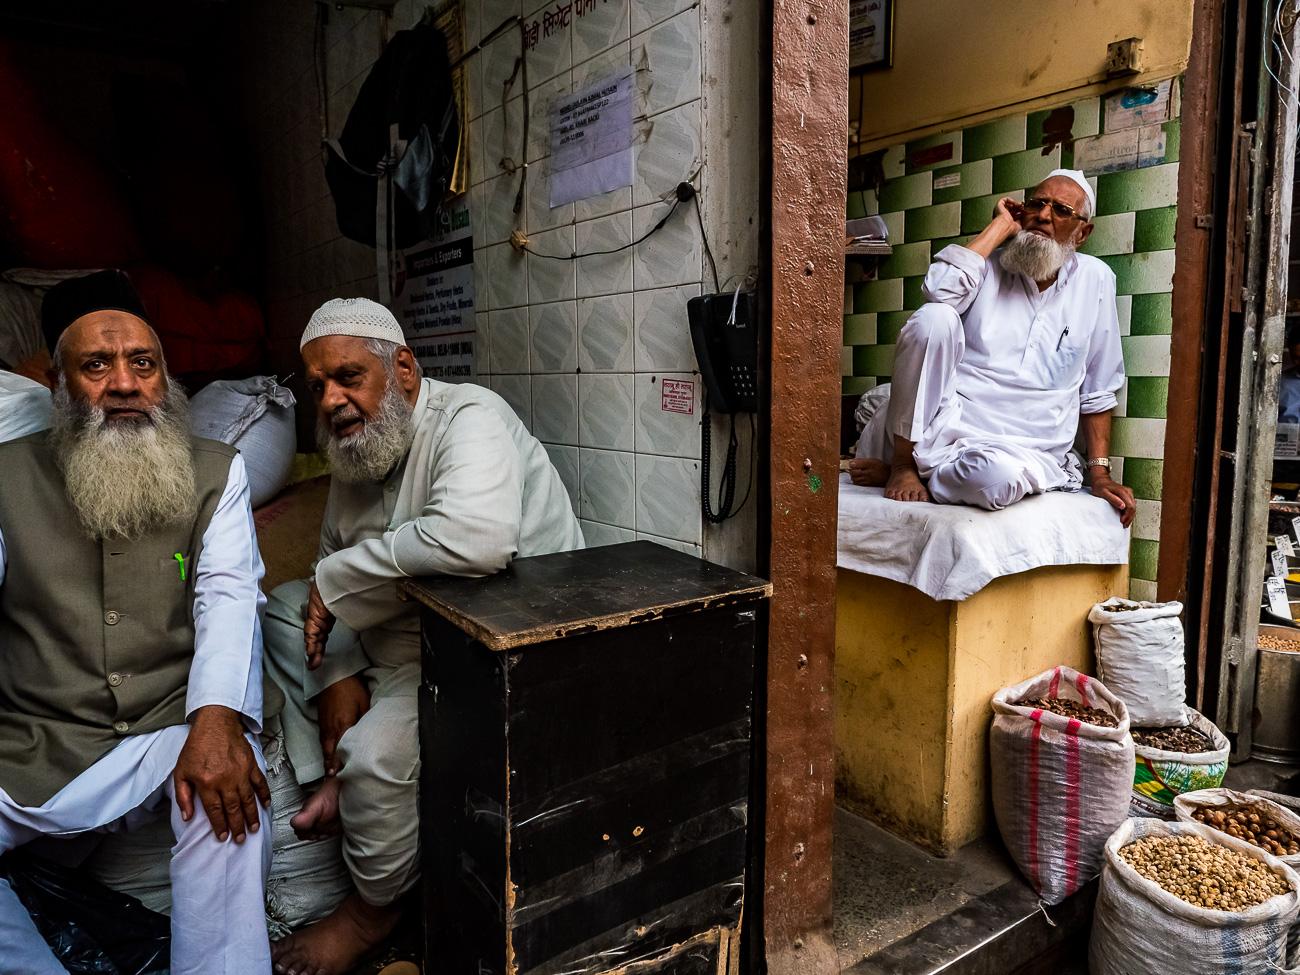 Blick in ein Strassenlokal in Delhi, Indien